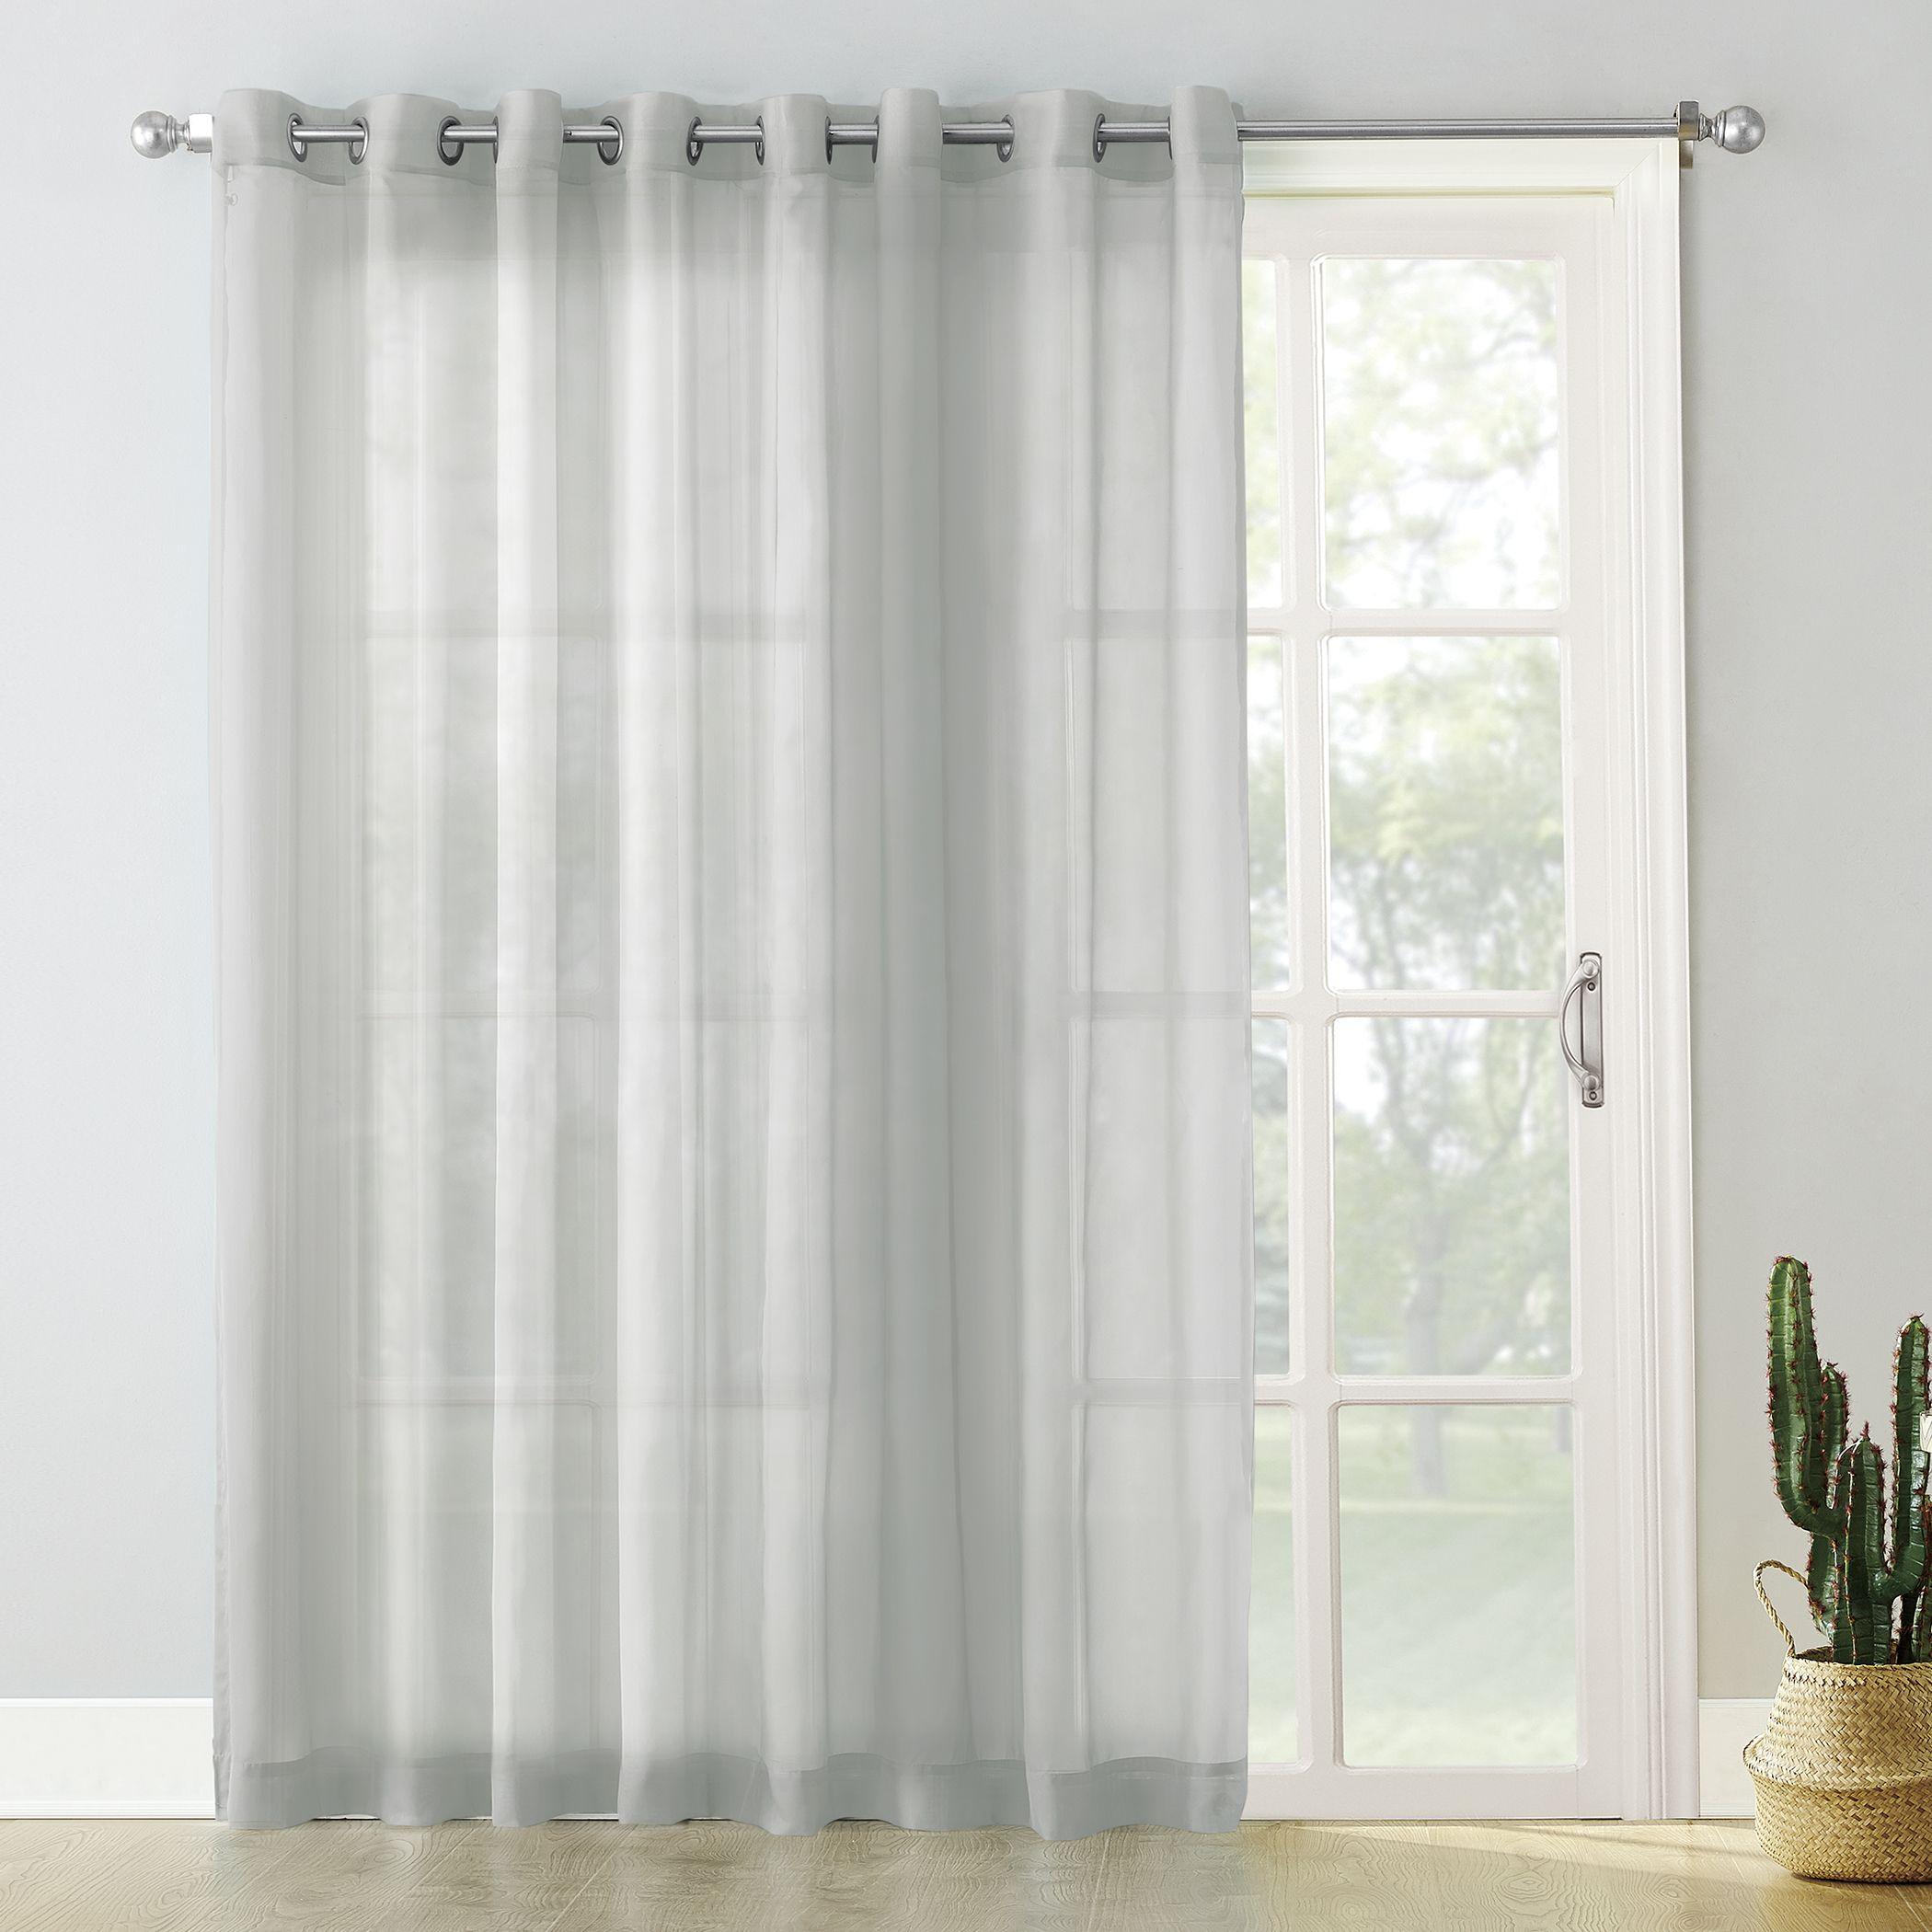 No 918 Emily Extra Wide Sheer Voile Sliding Door Patio Curtain Panel Walmart Com Patio Door Curtains Sliding Patio Doors Panel Curtains